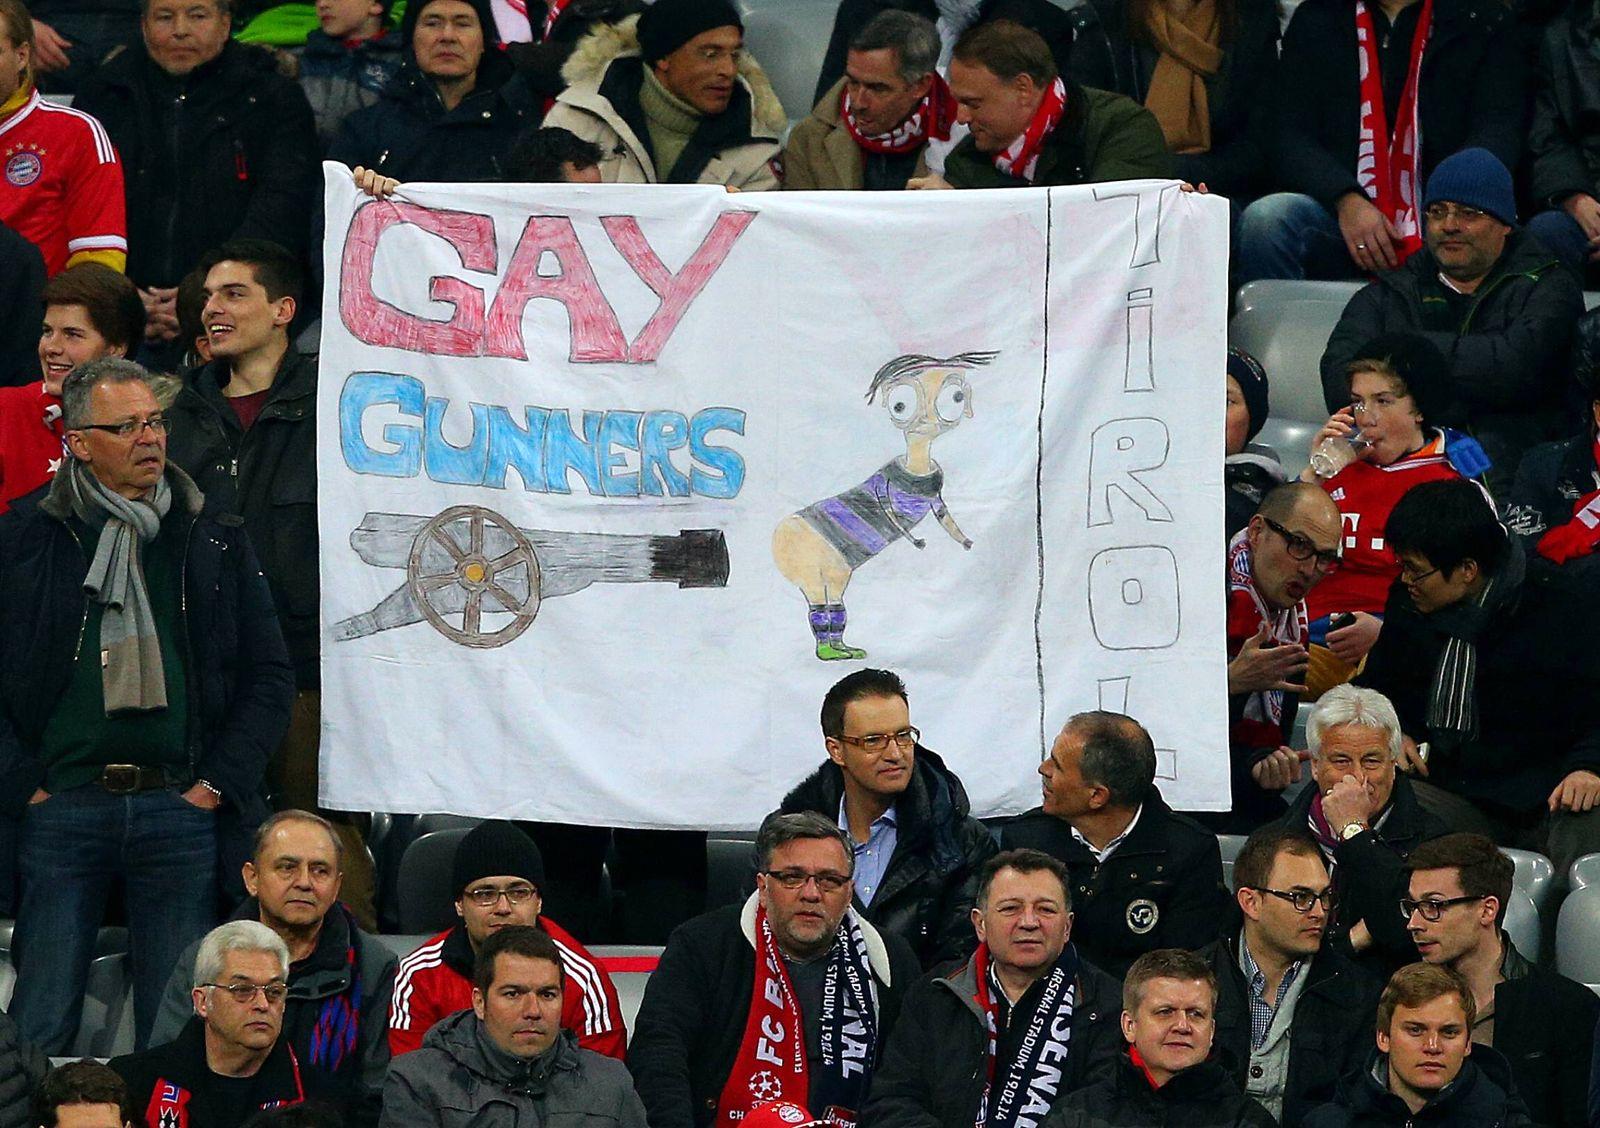 EINMALIGE VERWENDUNG Bayern München/ Banner/ Gay Gunners